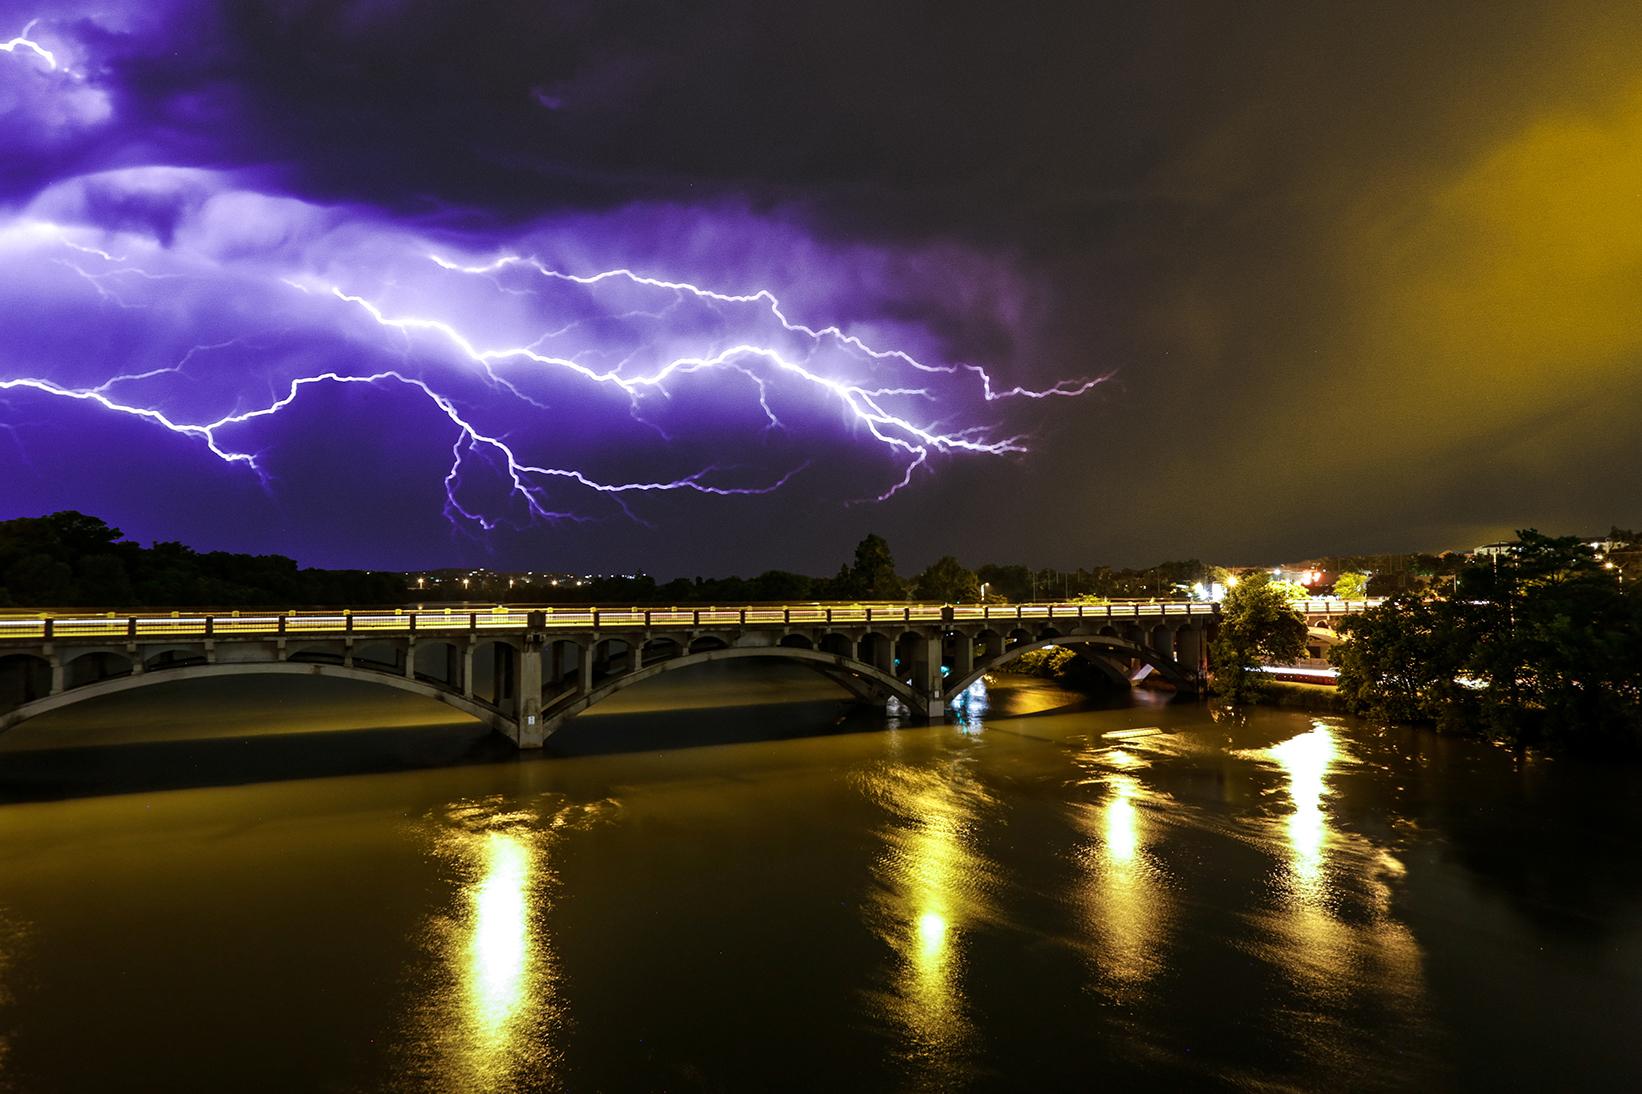 lightning_lamarbridge.jpg